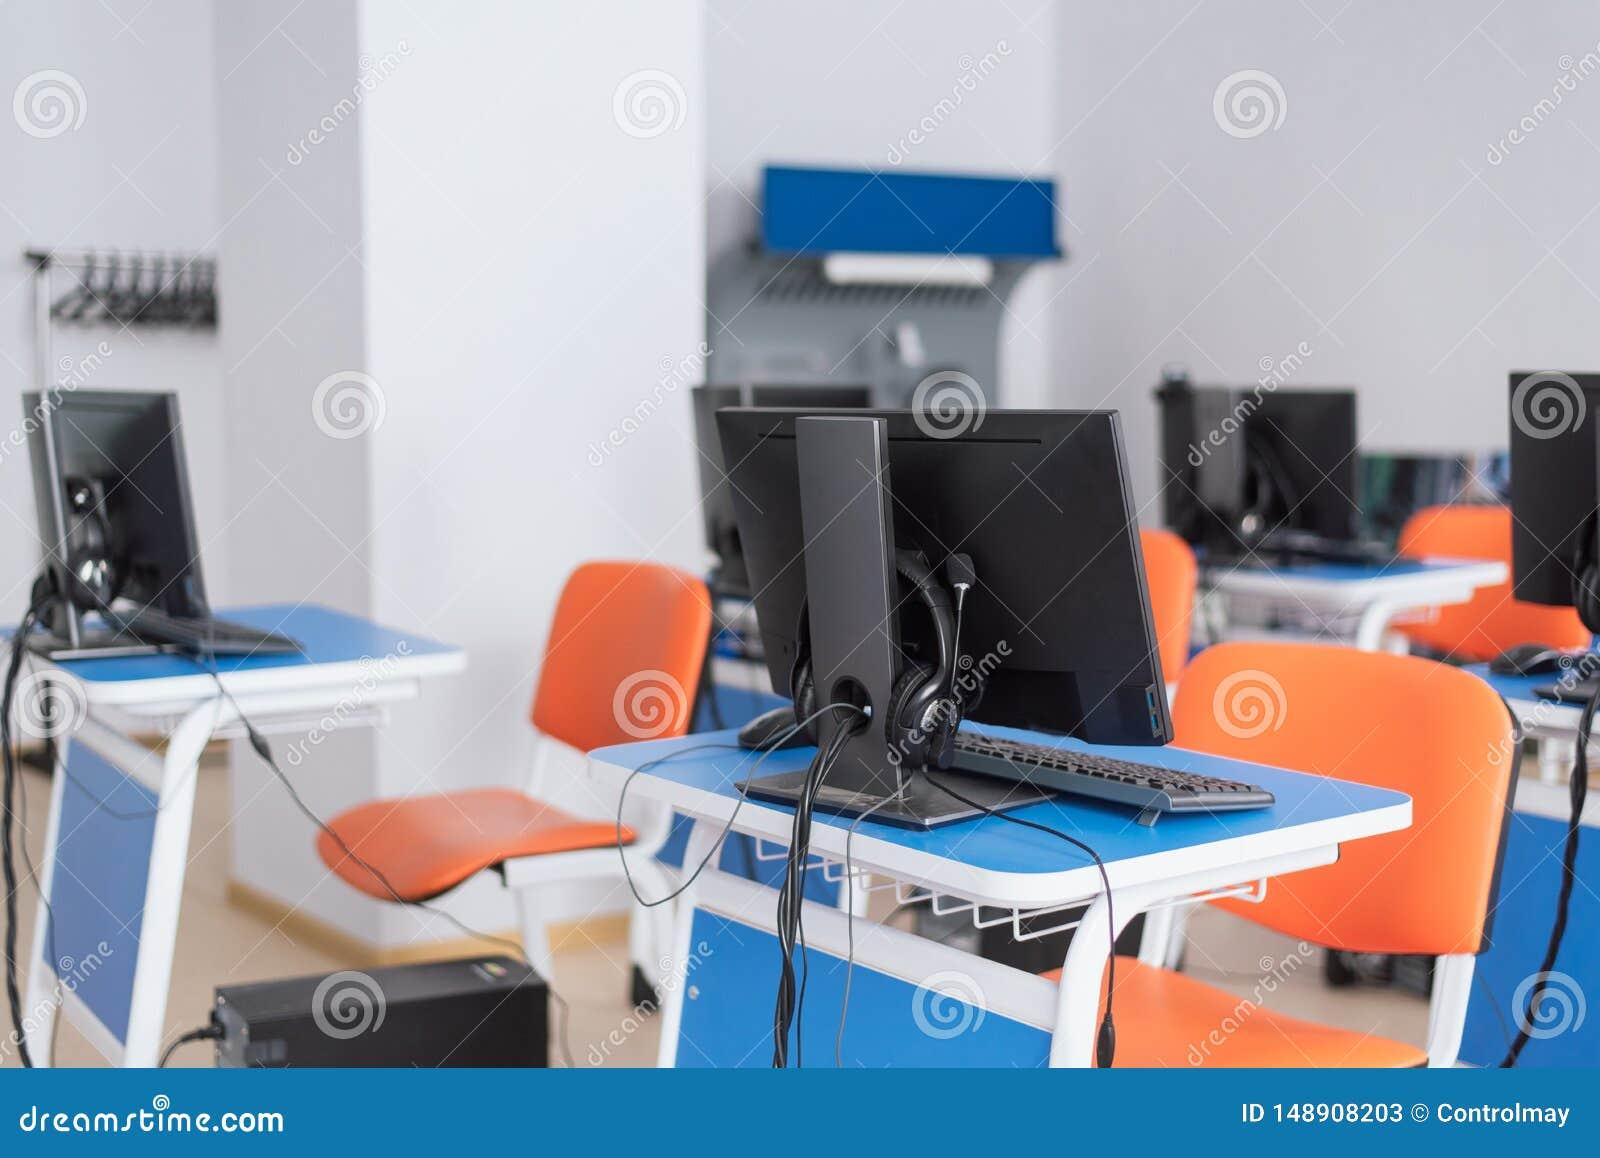 Leeres Computerklassenzimmer mit hellen blauen Schreibtischen und orange St?hlen unterrichtende Kinder Programmierung